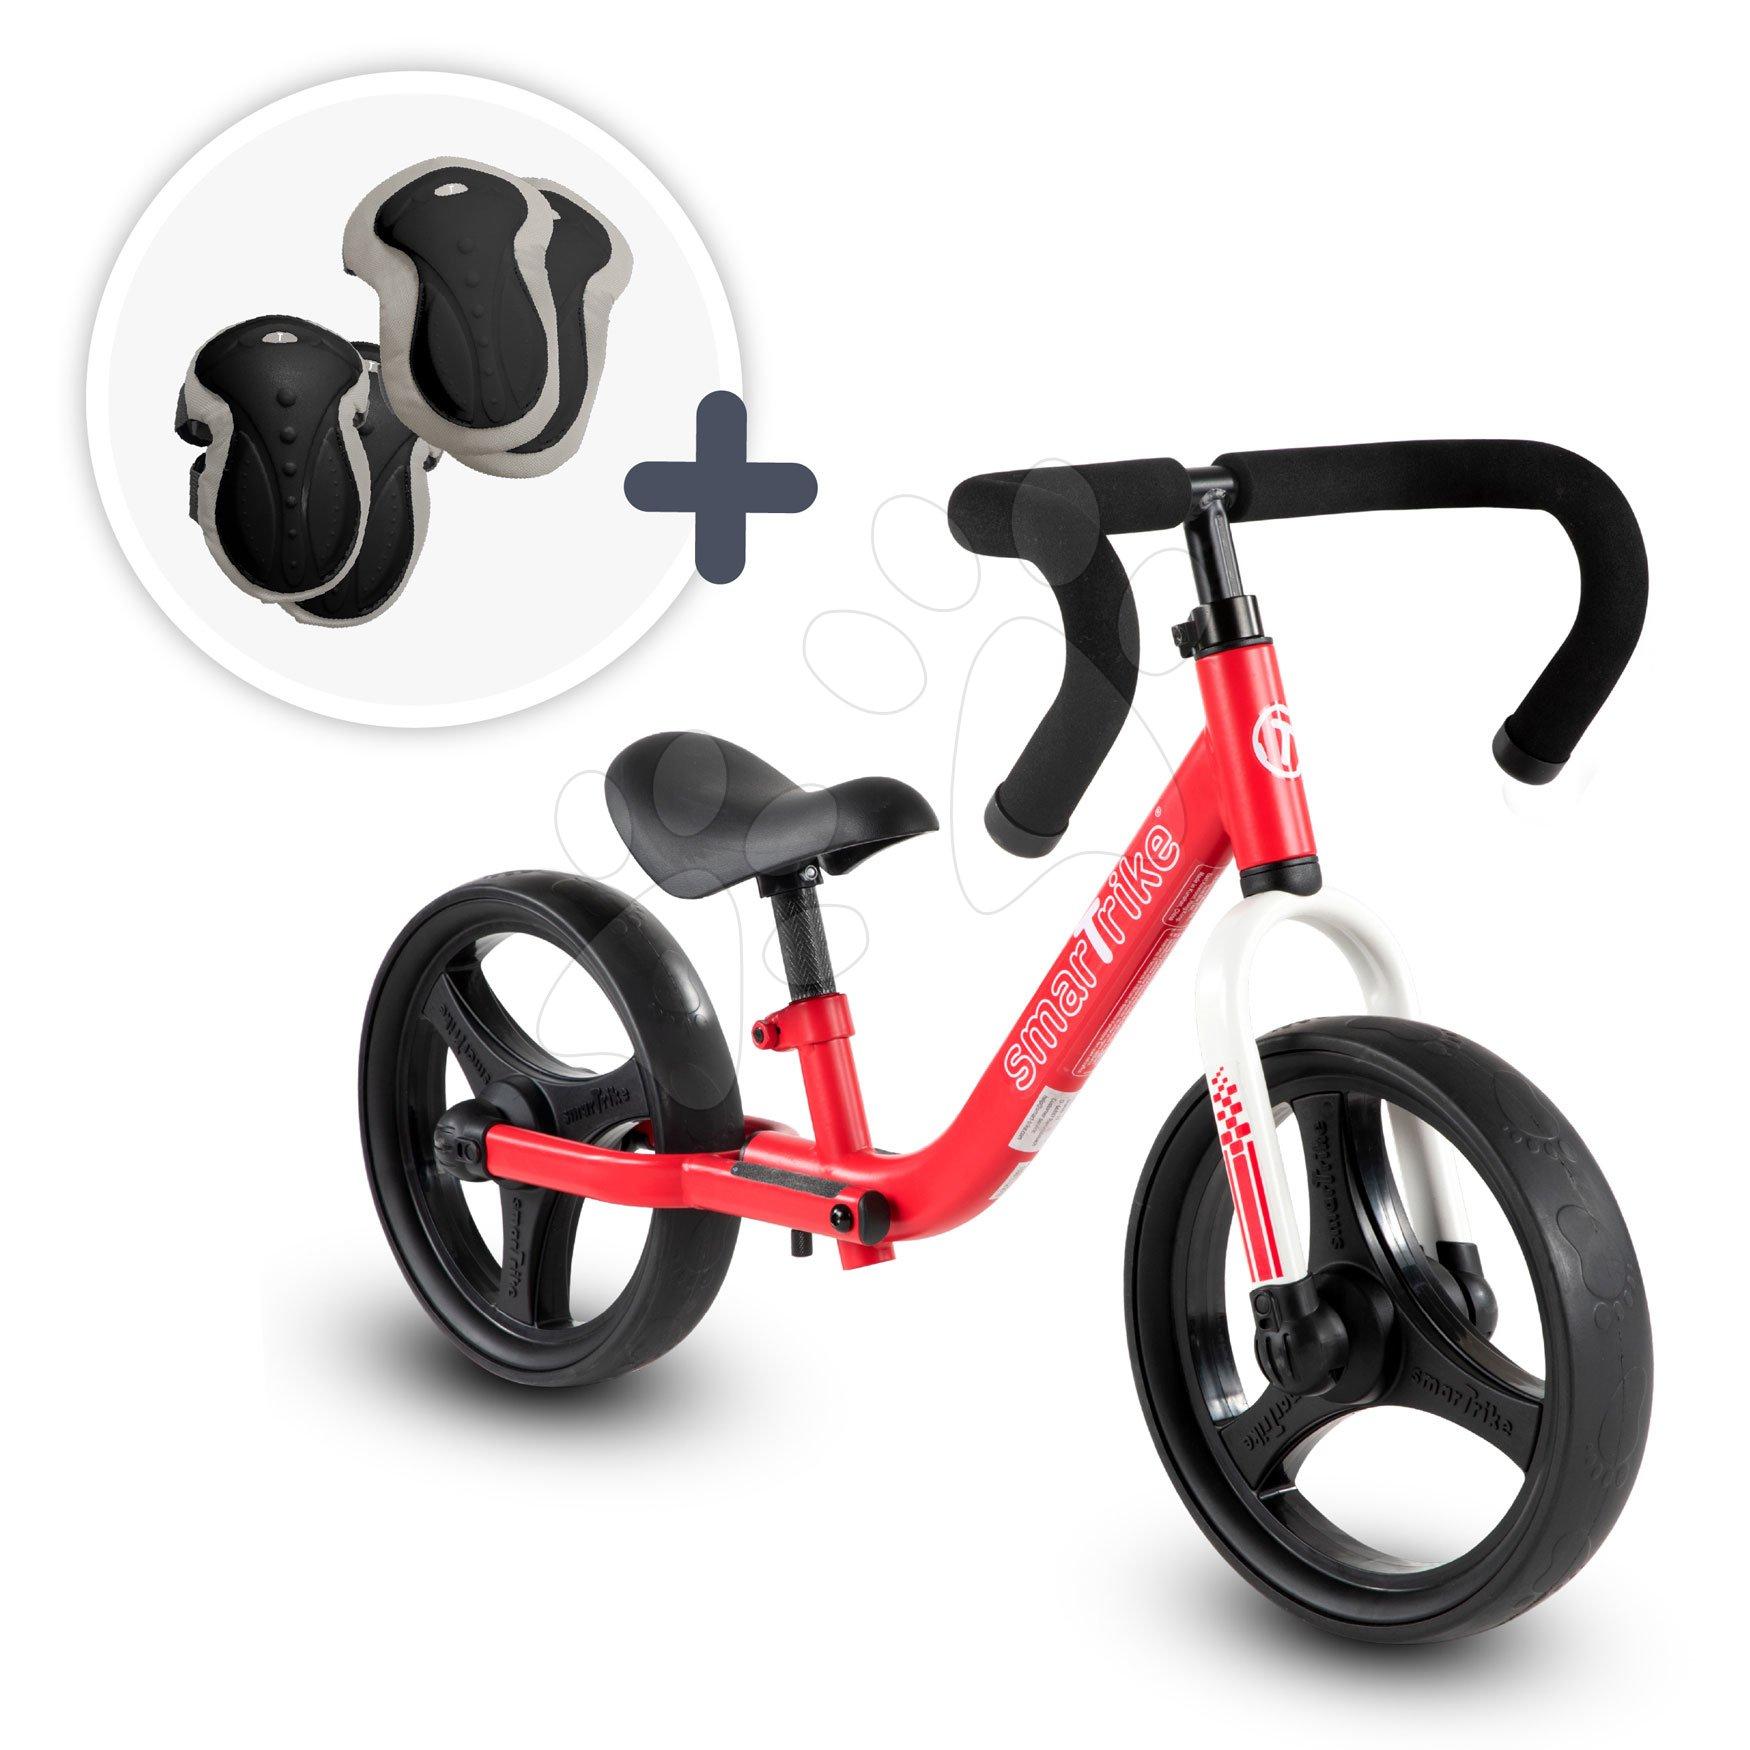 Balančné odrážadlo skladacie Folding Balance Bike Red smarTrike červené z hliníka s ergonomickými úchytmi od 2-5 rokov a chrániče ako darček